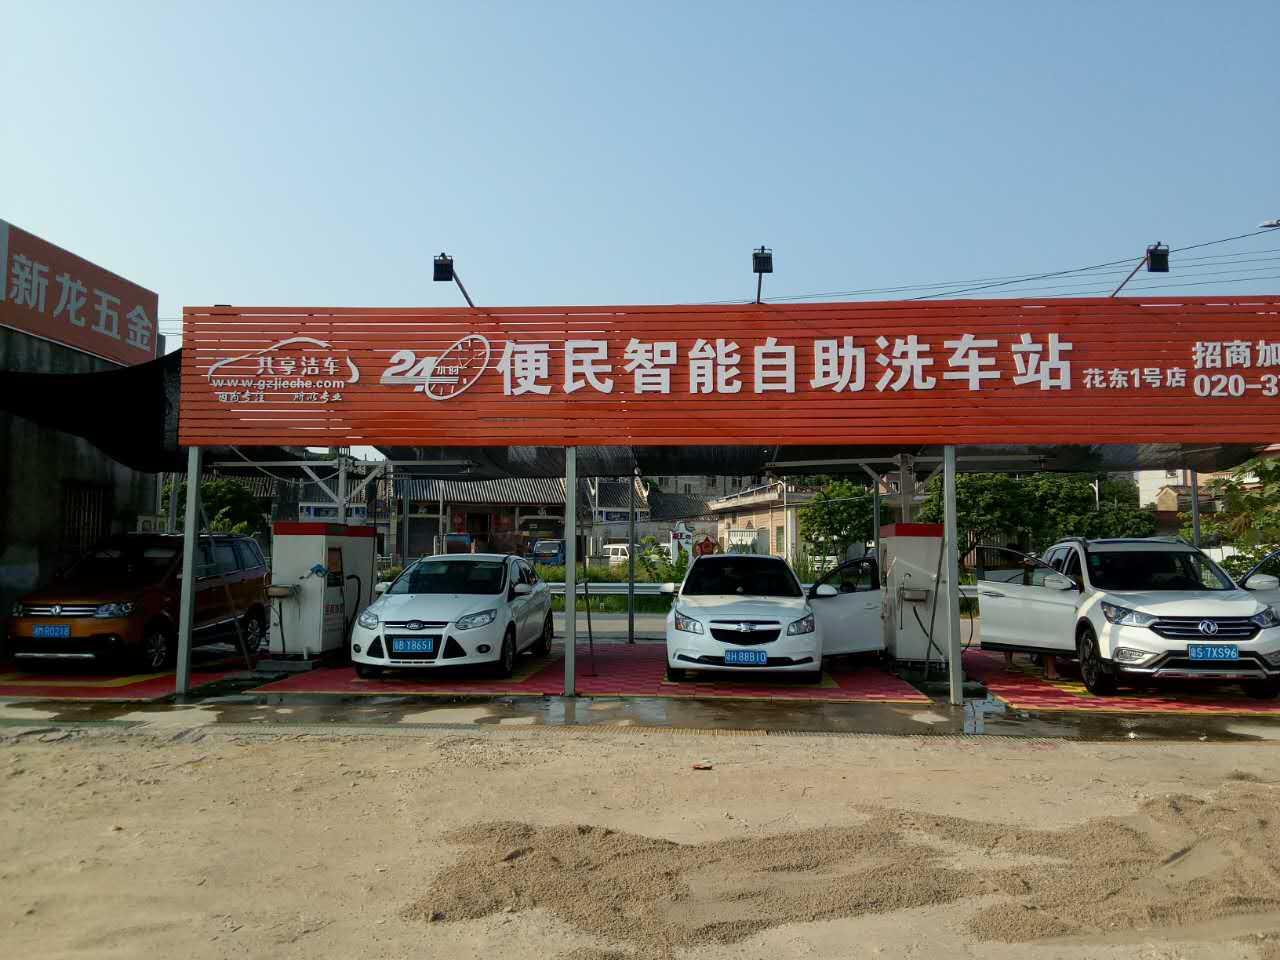 刷卡投币洗车机图片/刷卡投币洗车机样板图 (2)